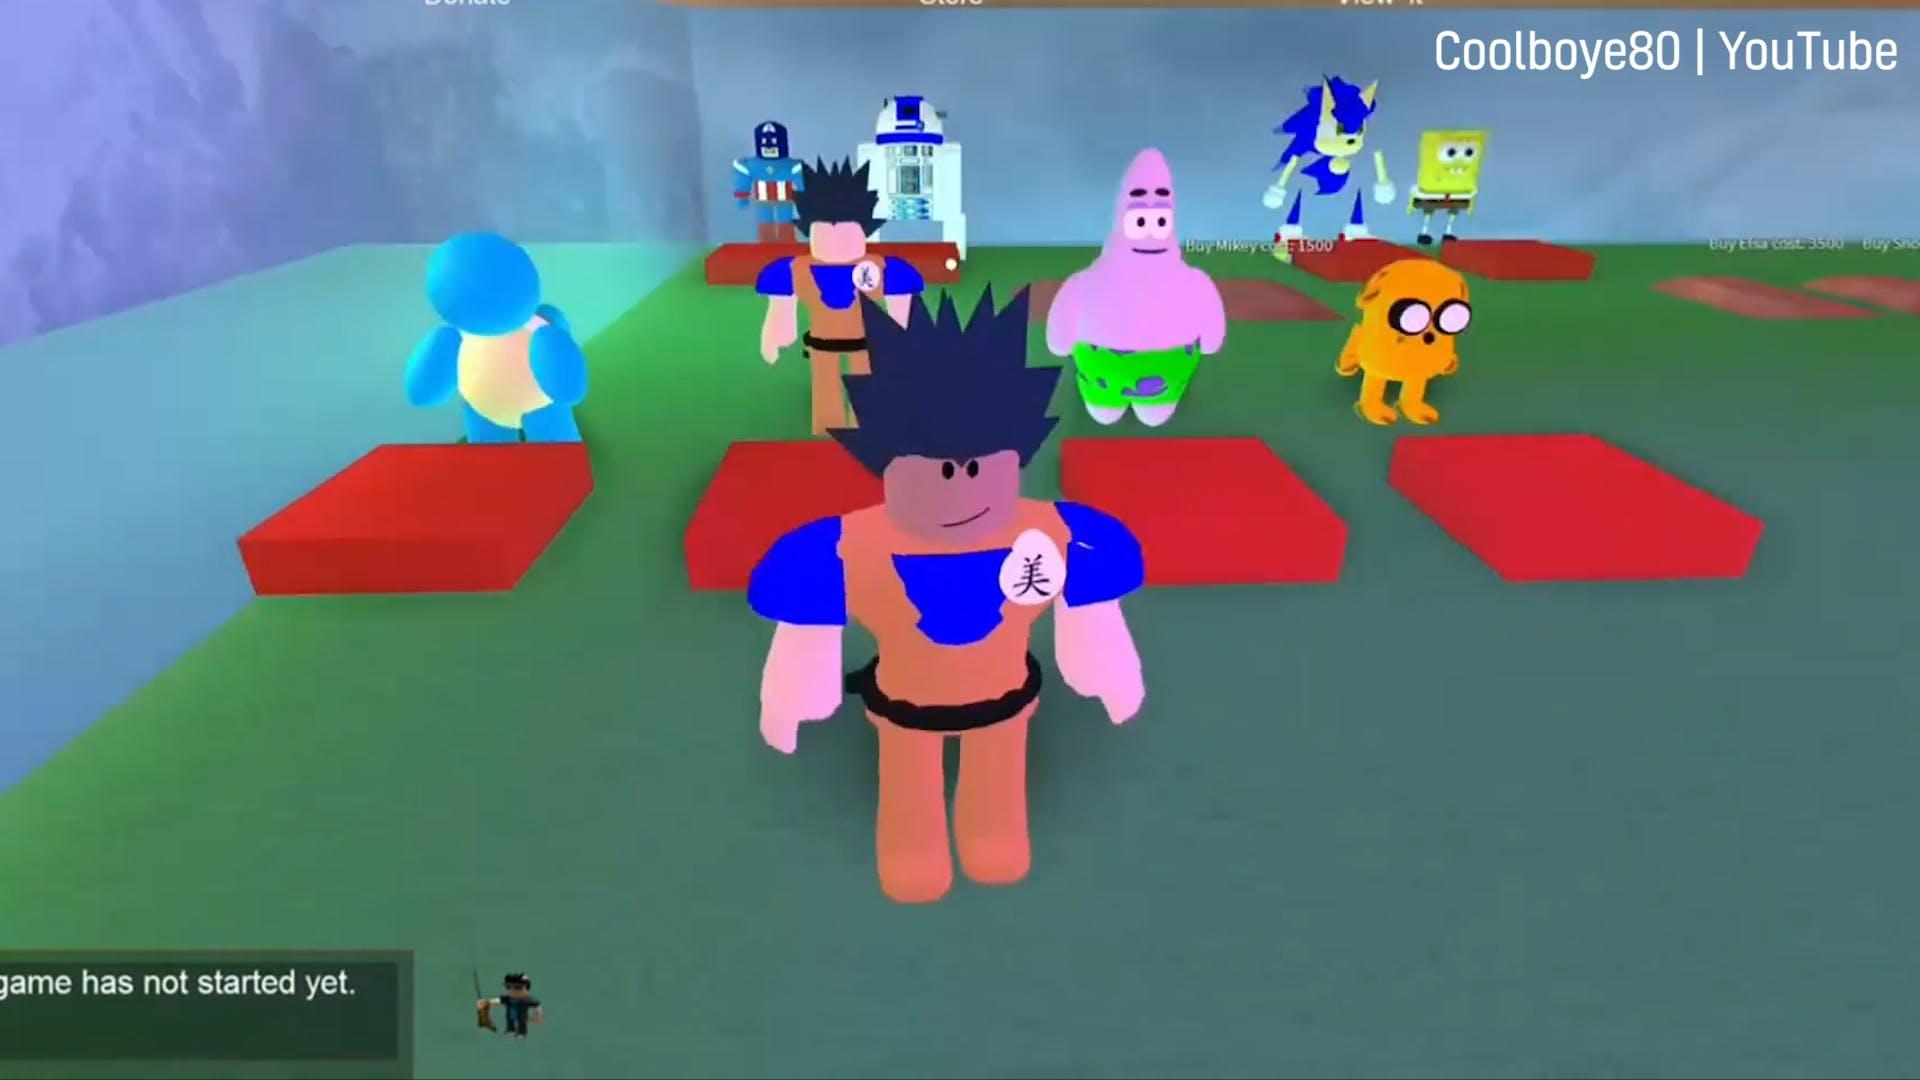 Good Roblox games: Cartoon Hide N' Seek screen grab